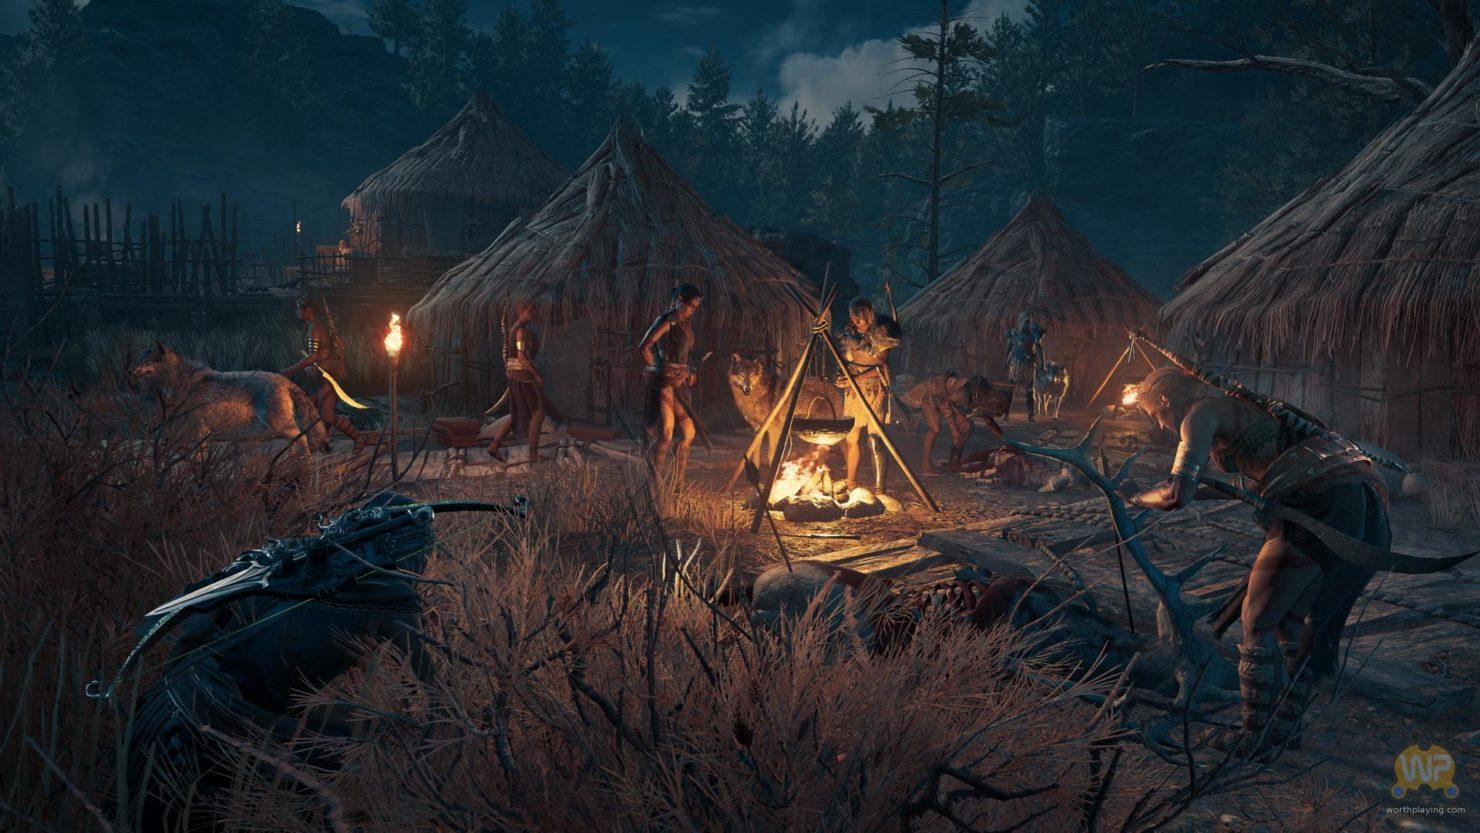 Assassin's Creed Odyssey assassin accroupi dans les hautes herbe à la nuit tombée, dans un camp d'ennemis